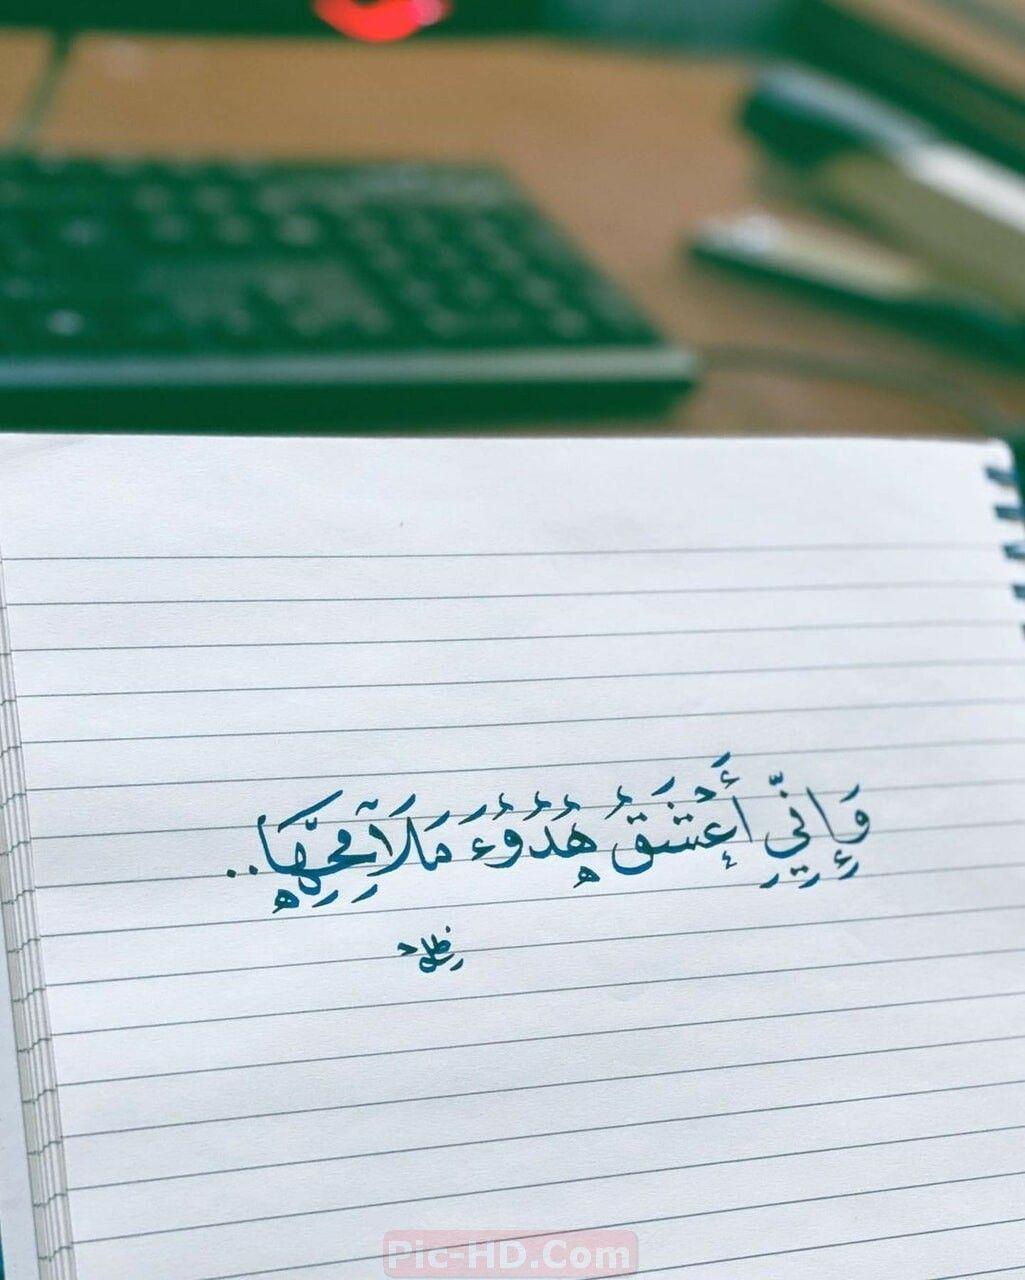 صور حلوه مكتوب عليها كلام عبارات جميلة علي صور حلوة جدا In 2021 Instagram Posts Instagram Quran